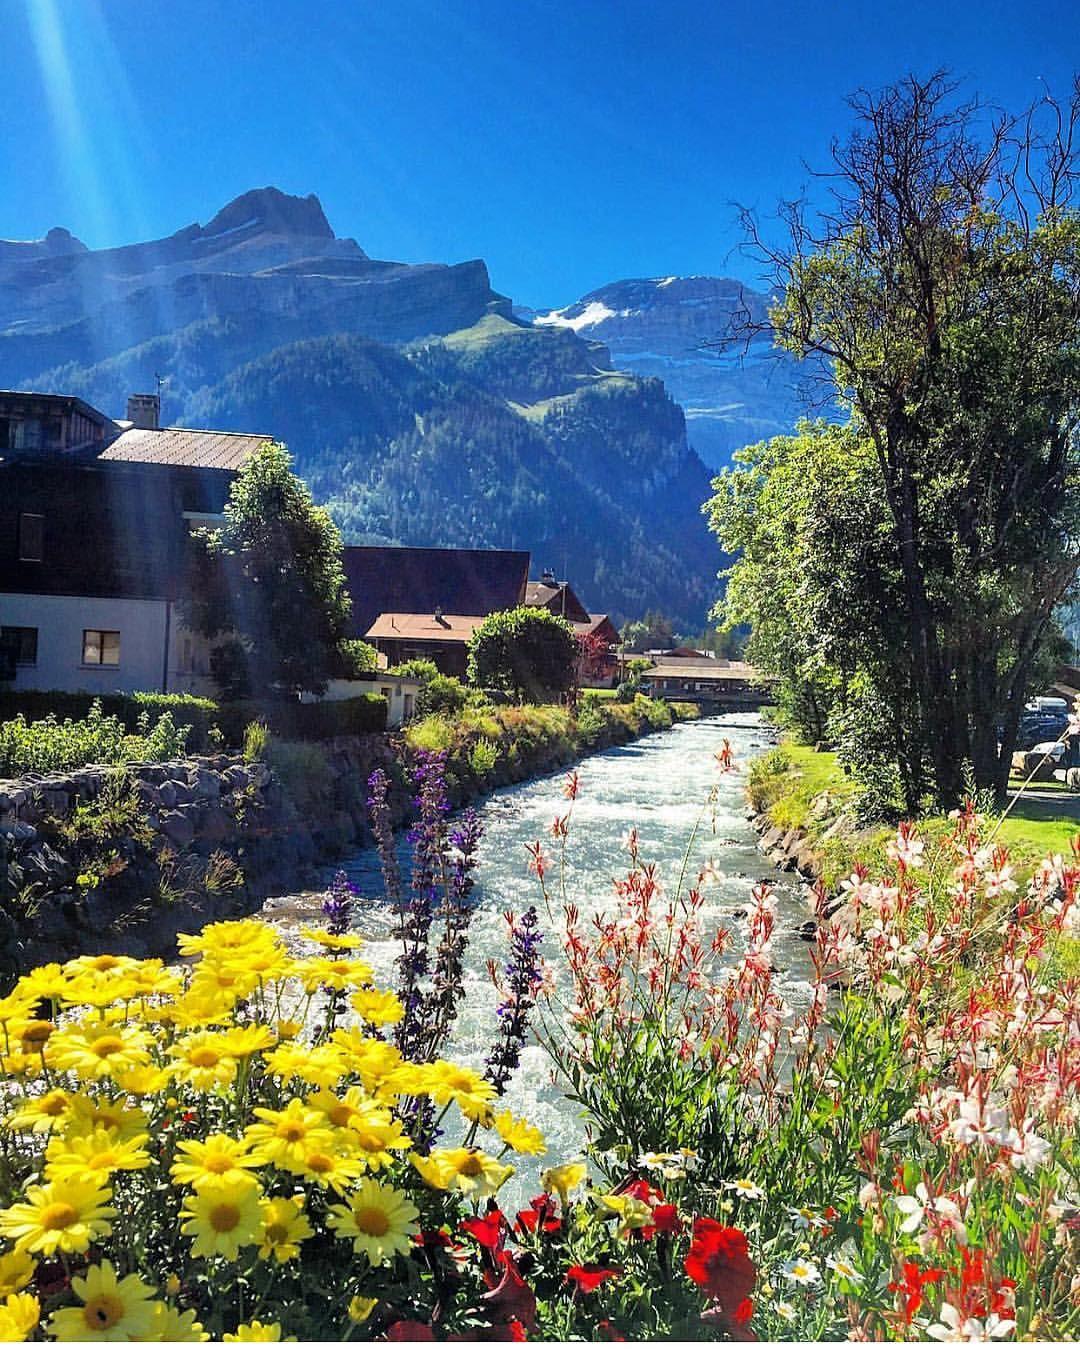 Amazing Places To Stay Switzerland: Смотрите это фото от @switzerland.vacations на Instagram